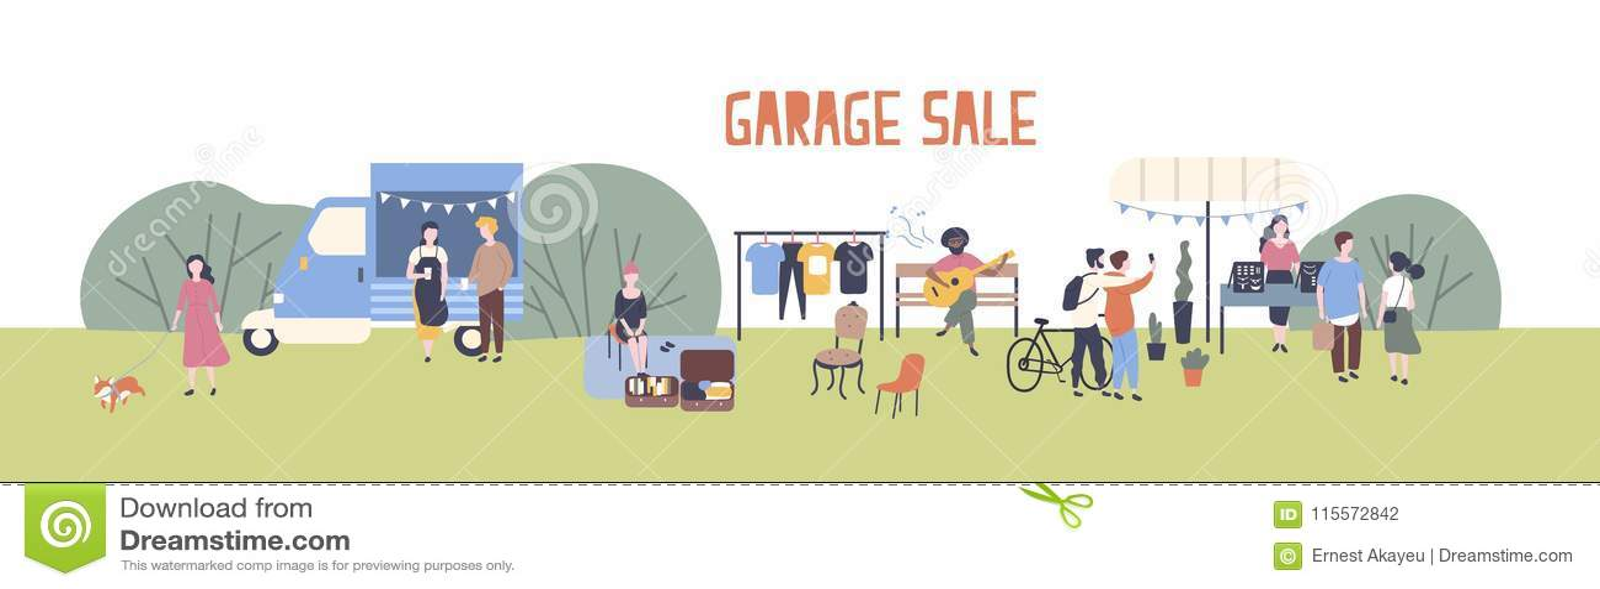 车库售物或室外节日的水平的网横幅模板与买卖物品的食物搬运车、男人和妇女